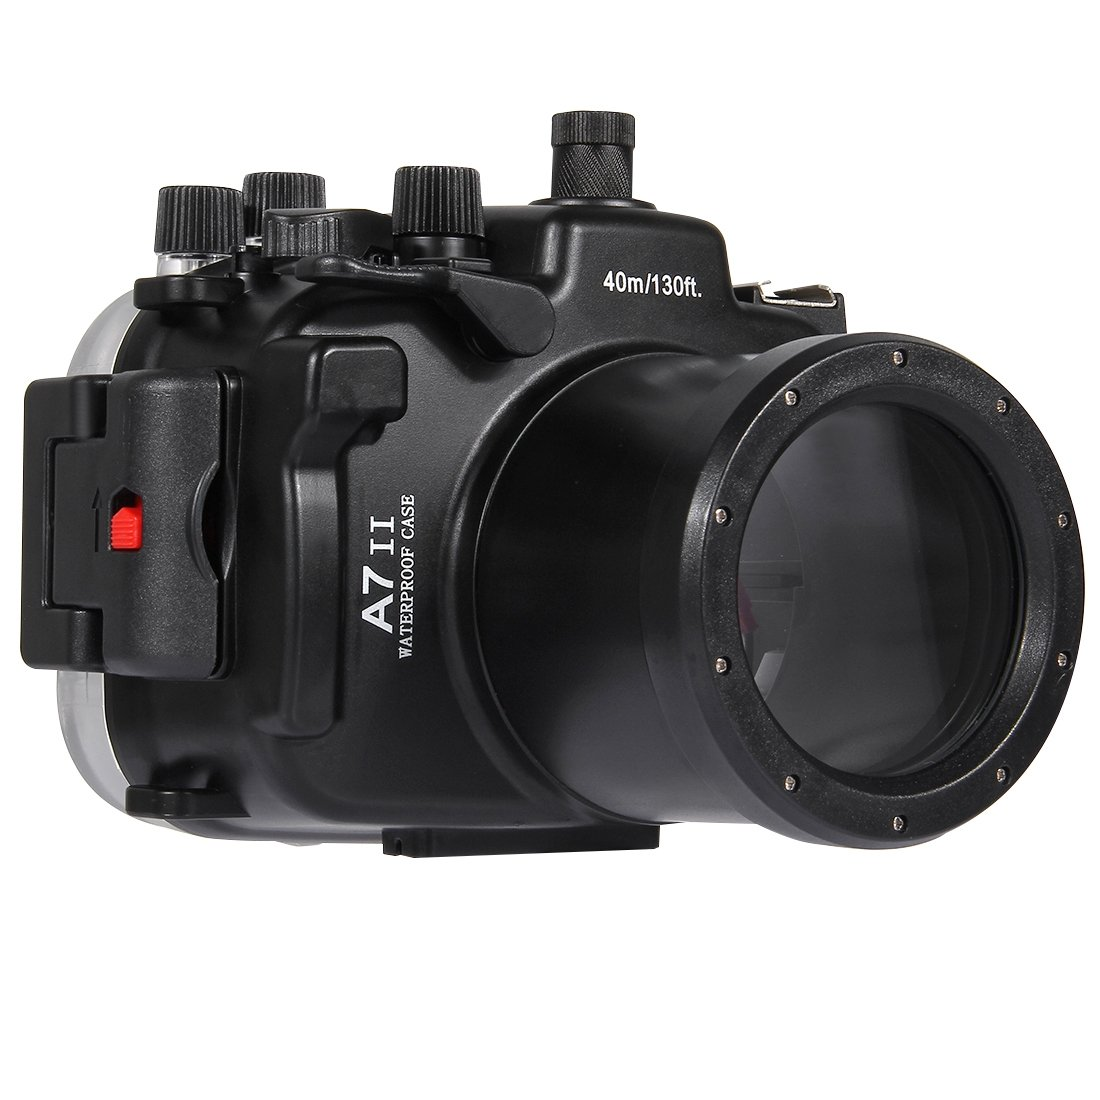 水中深度ダイビングケース PULUZ 40mソニーA7 II / A7R II / A7S II用防水カメラハウジング(FE 28-70mm f / 3.5-5.6 OSS)   B07RD5VCPN